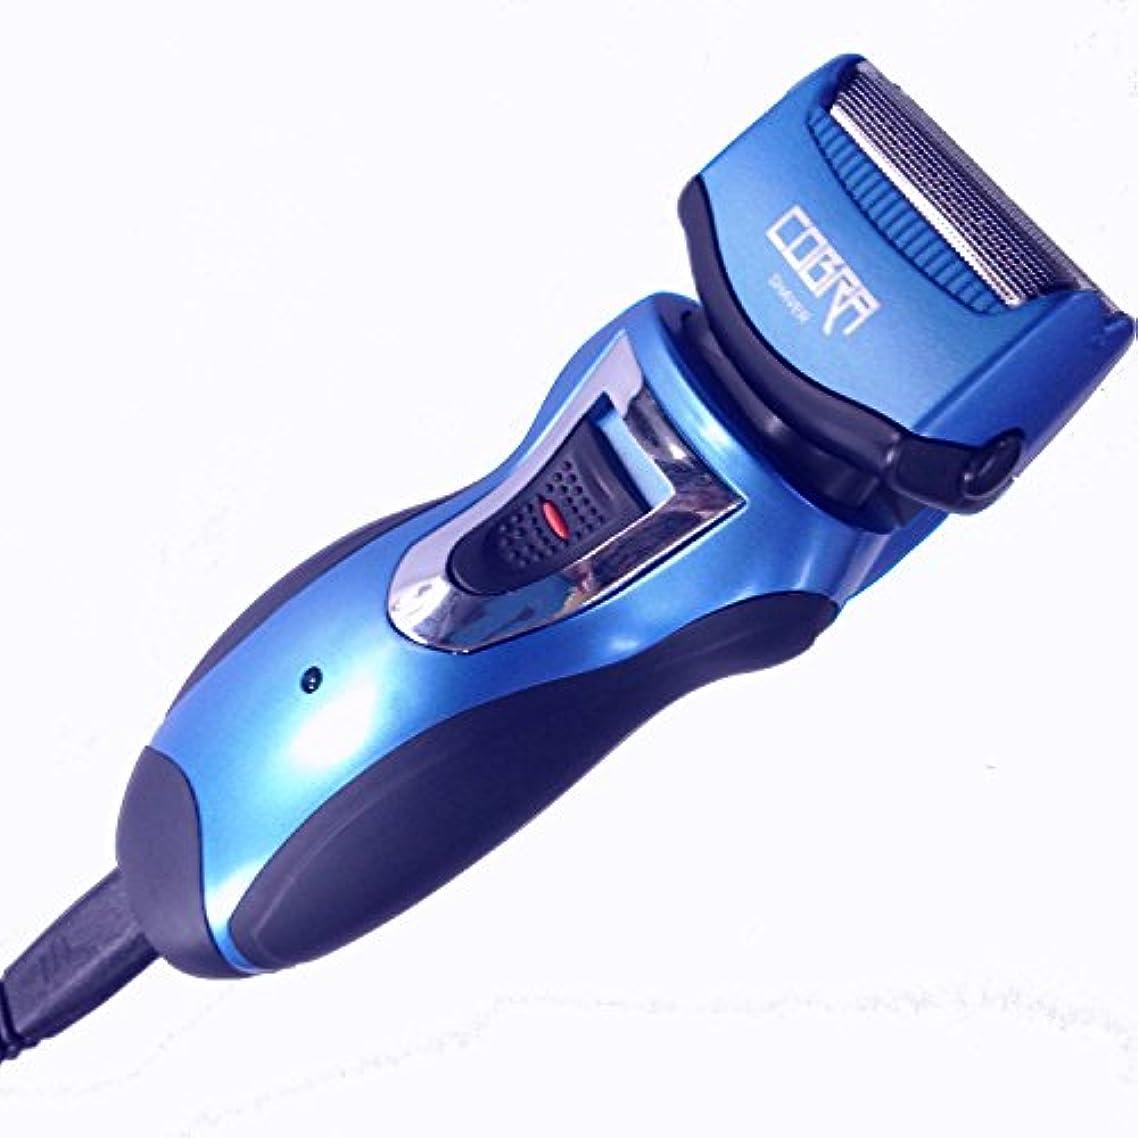 幻想的動くコールRQ-720 充電式ひげそり器 ウォータープルーフ シェーバー コブラ 防水 水洗い可